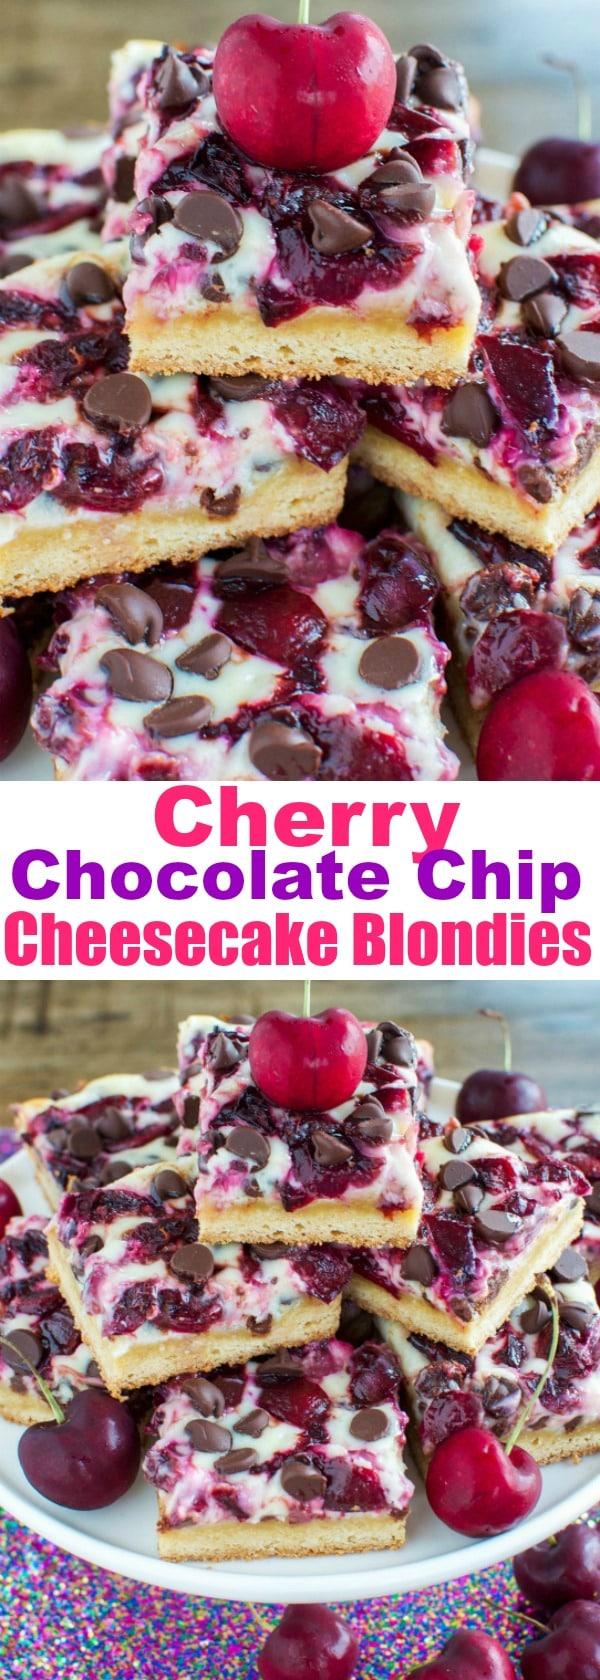 Cherry Chocolate Cheesecake Blondies - such an easy SCRUMPTIOUS dessert!